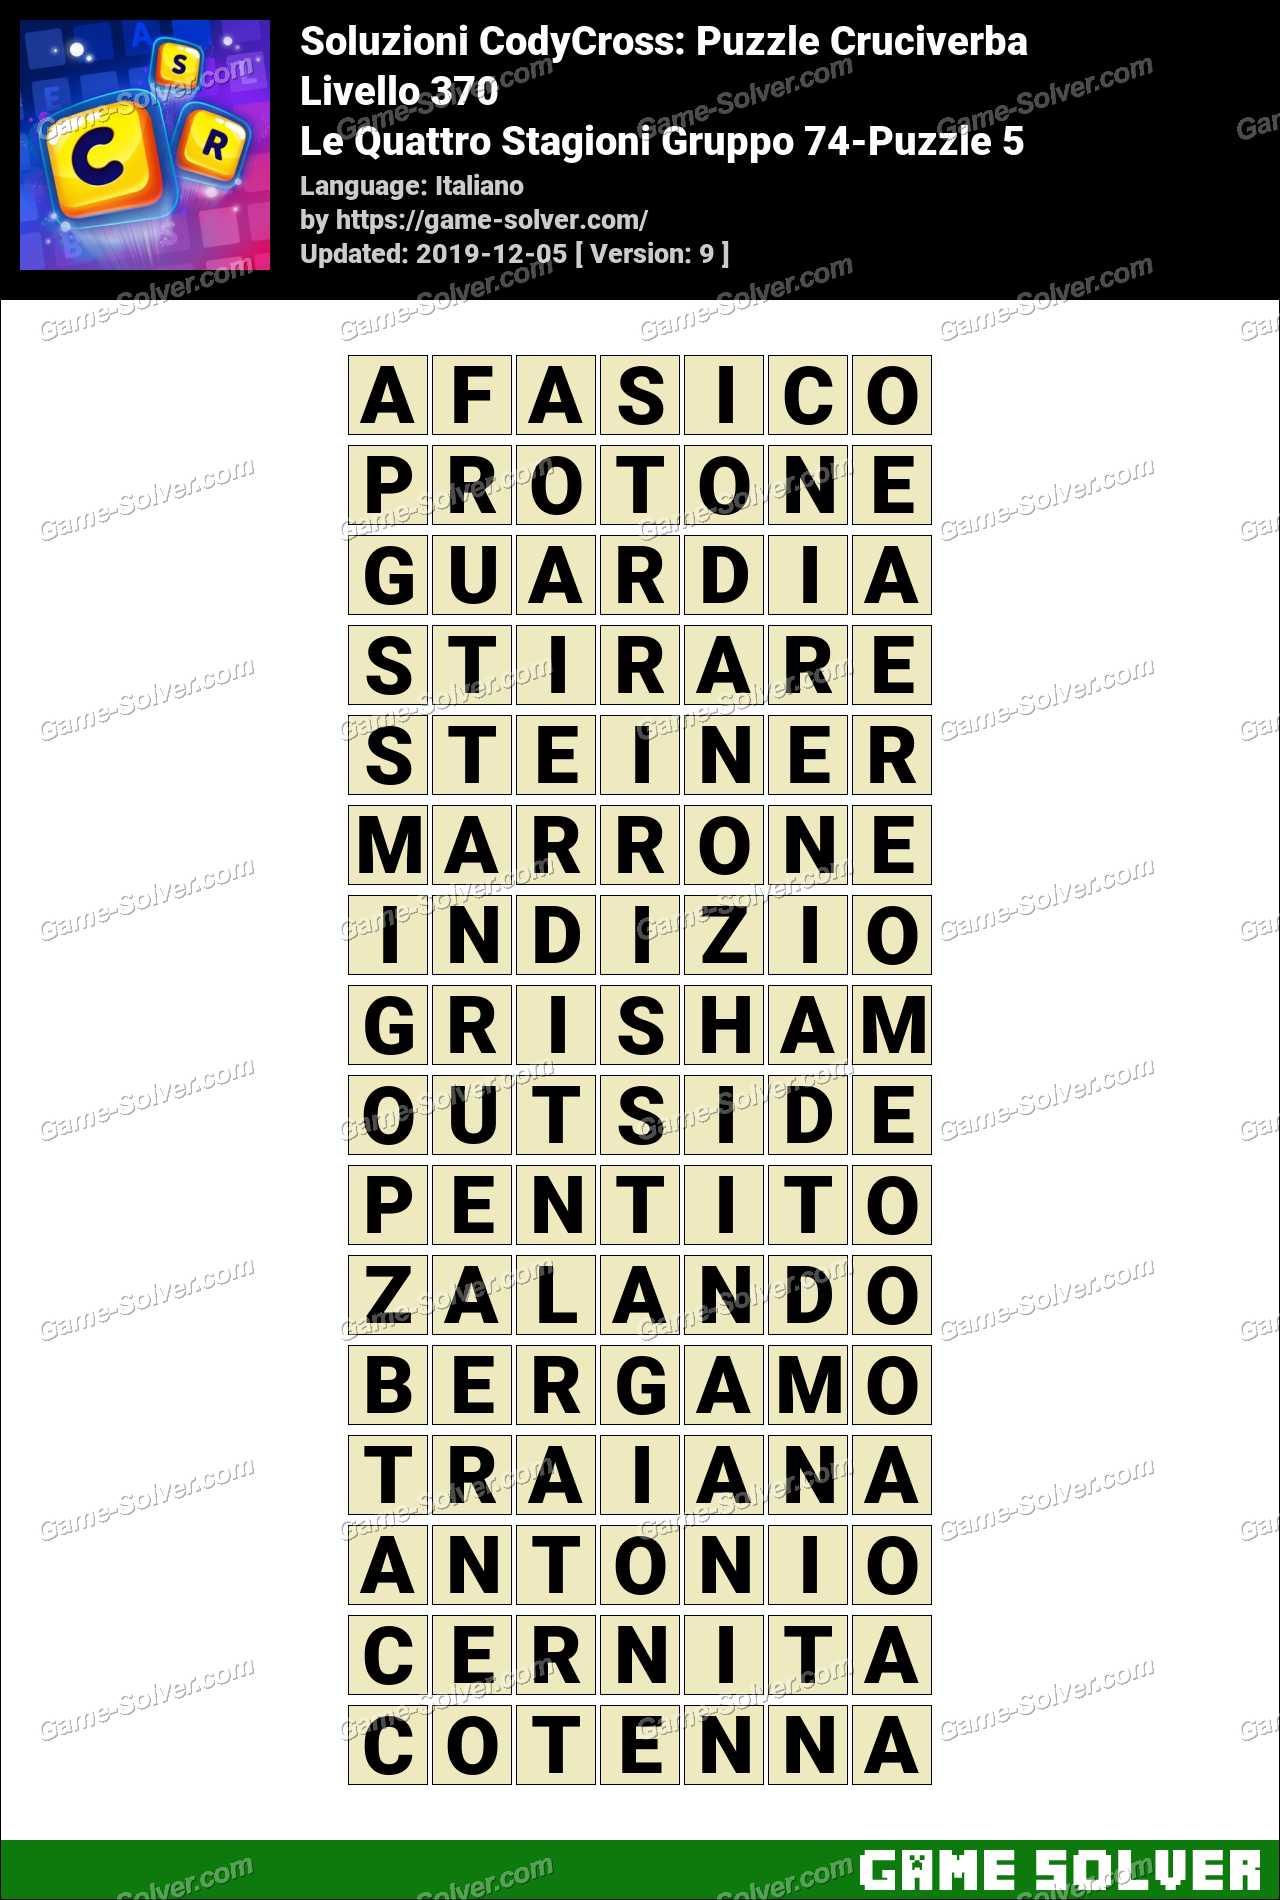 Soluzioni CodyCross Le Quattro Stagioni Gruppo 74-Puzzle 5